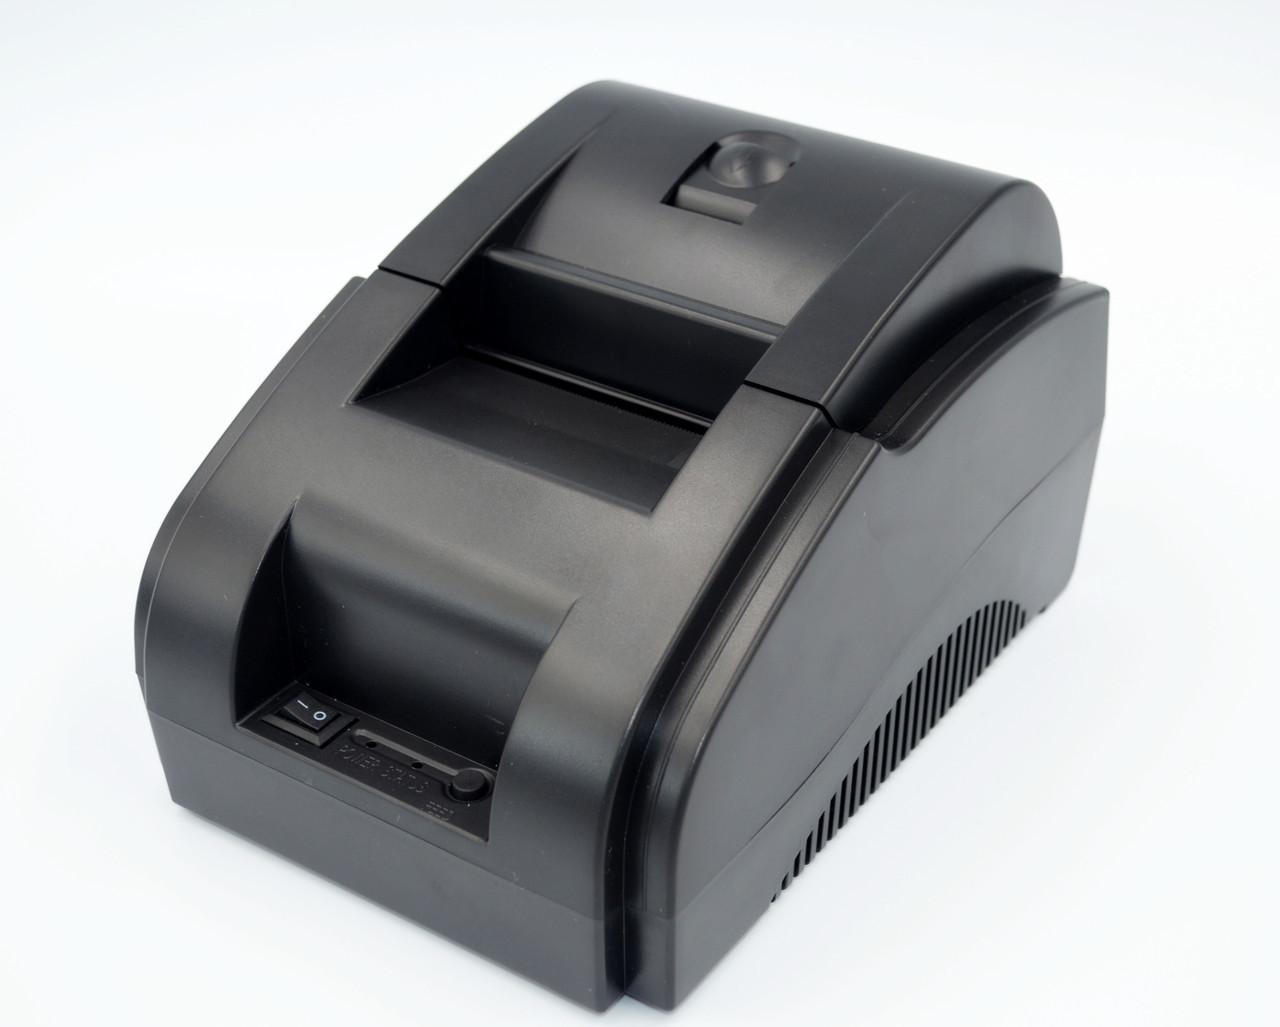 Термопринтер, POS, чековый принтер WodeMax WD-58DT чёрный (WD-58DT)